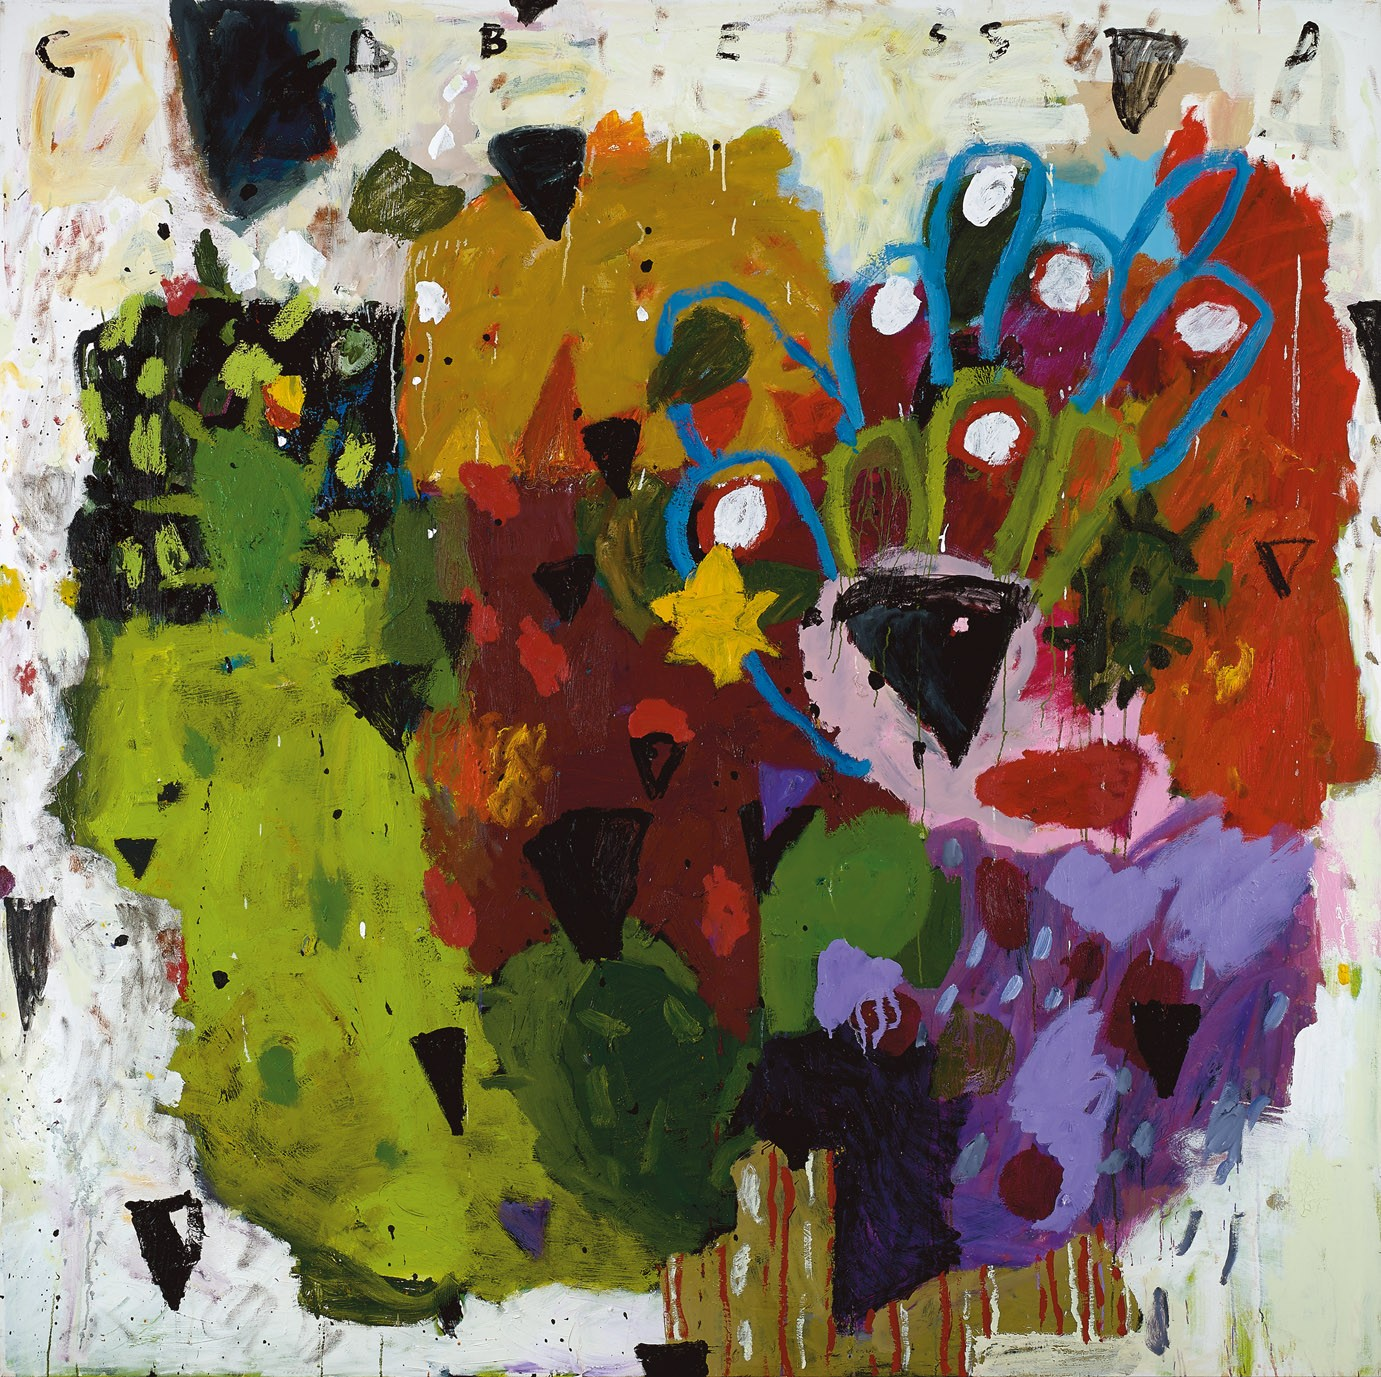 Amit Cabessa, Strong in Spirit, 2018, Oil on canvas 200 x 200 cm